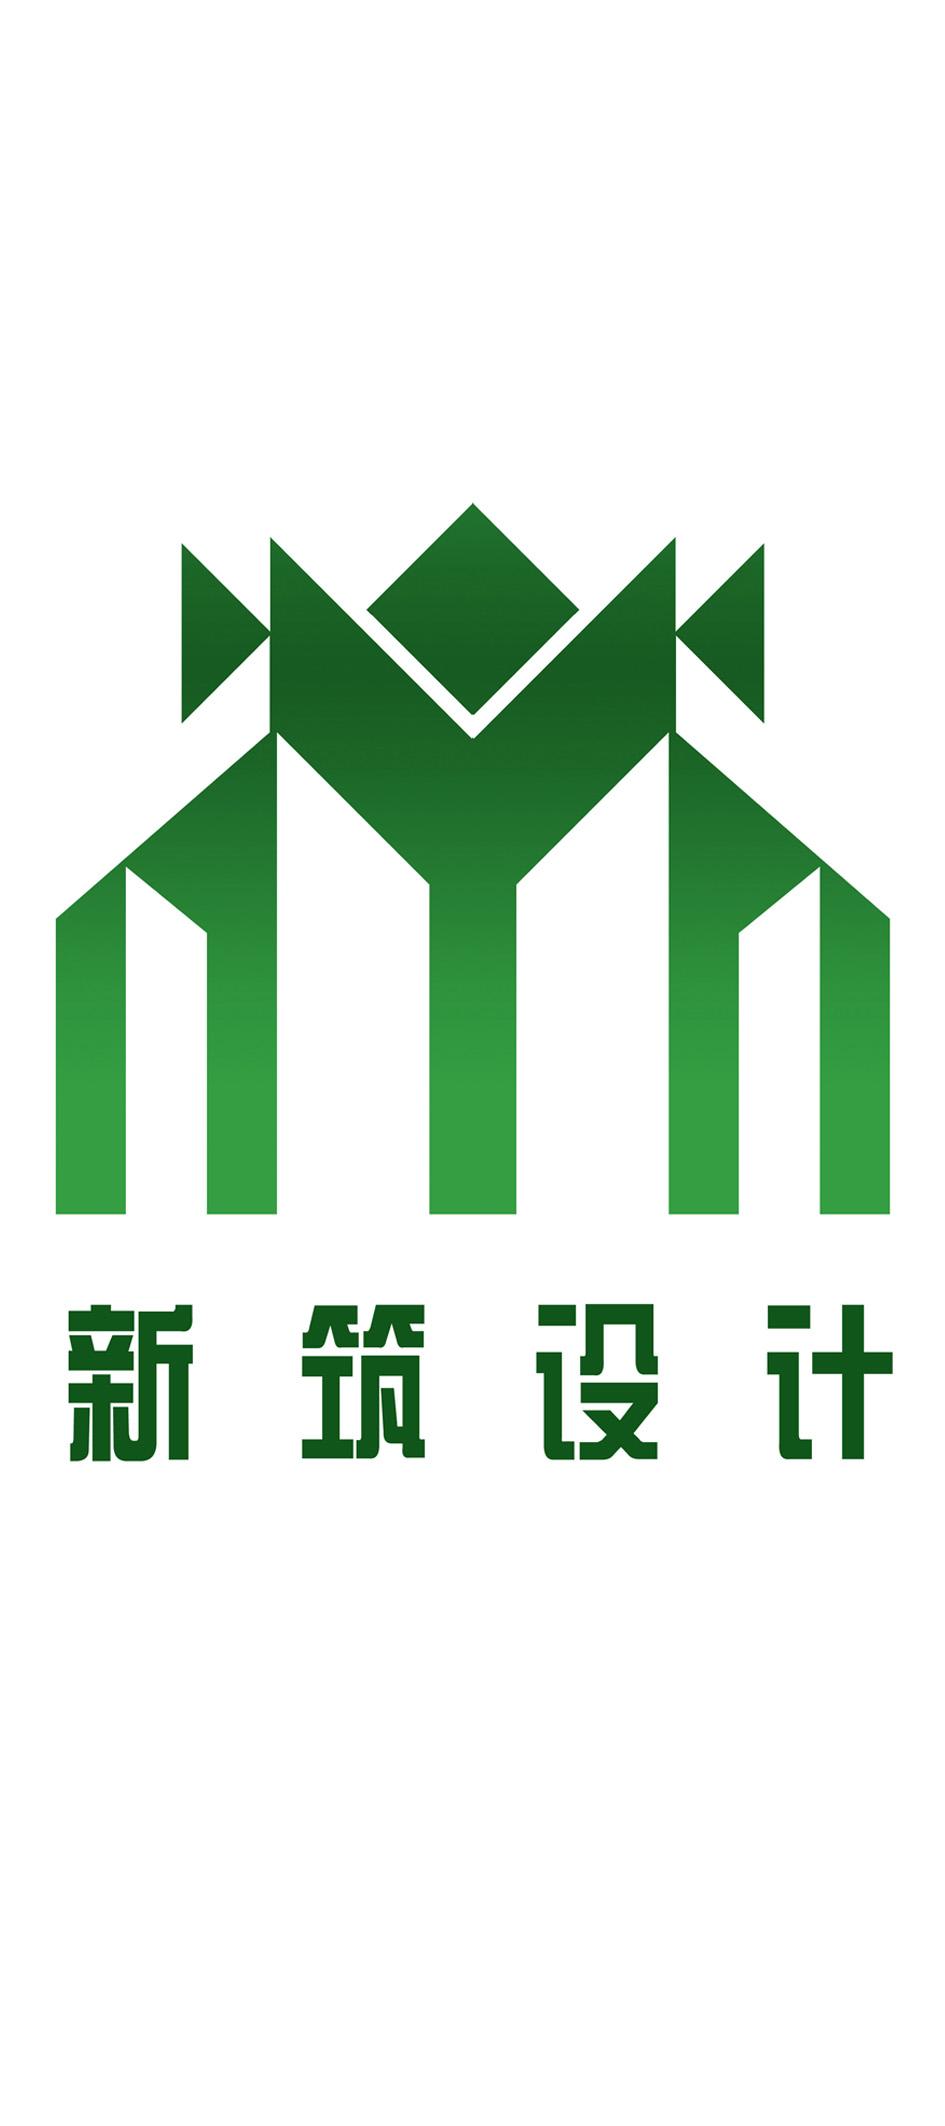 柳州新筑装饰有限公司 - 柳州装修公司